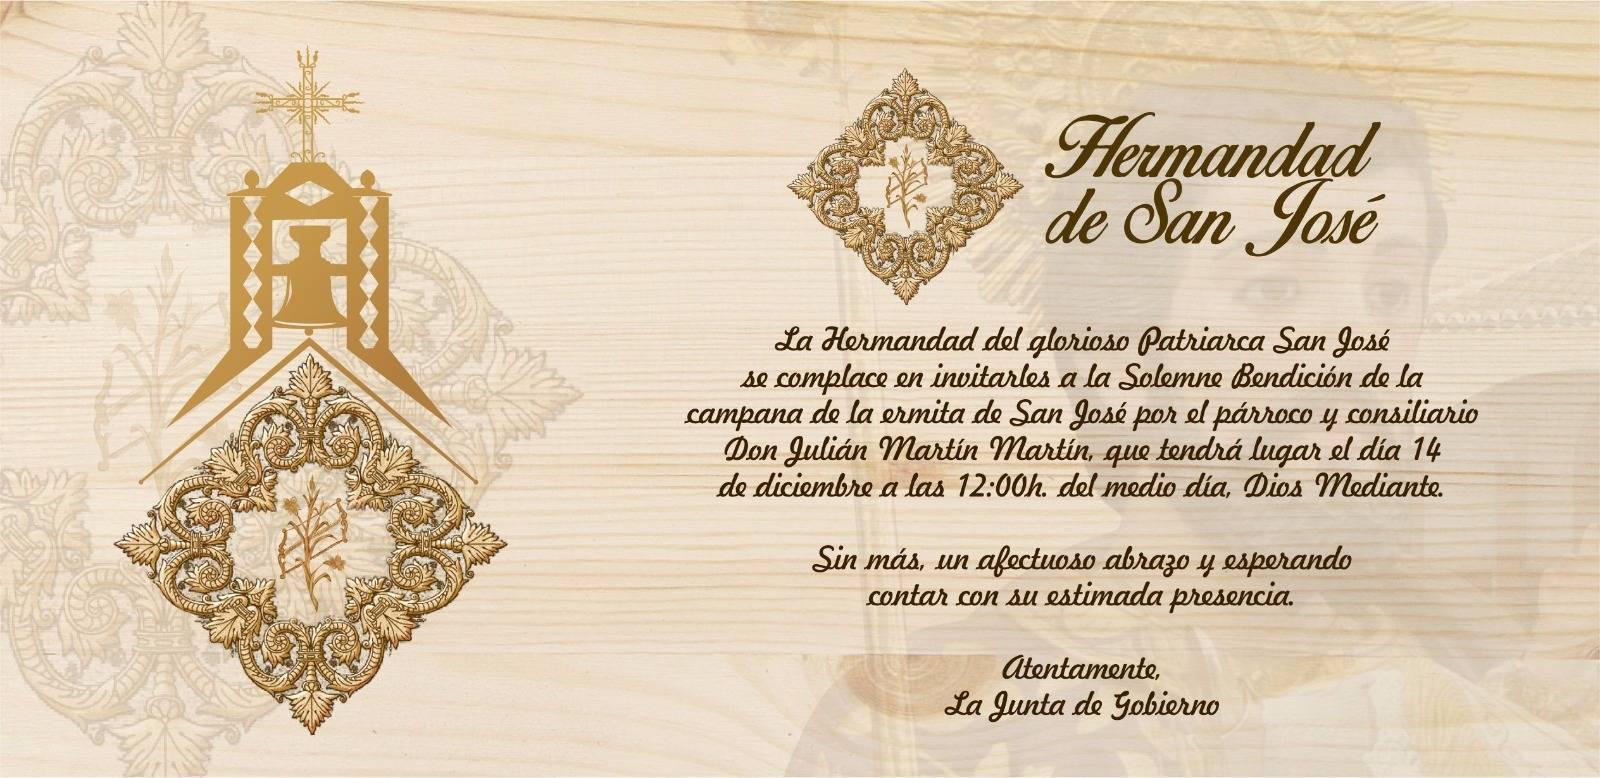 Invitaci%C3%B3n a la bendici%C3%B3n de la nueva campana de san Jose - Nueva campana para la ermita de San José